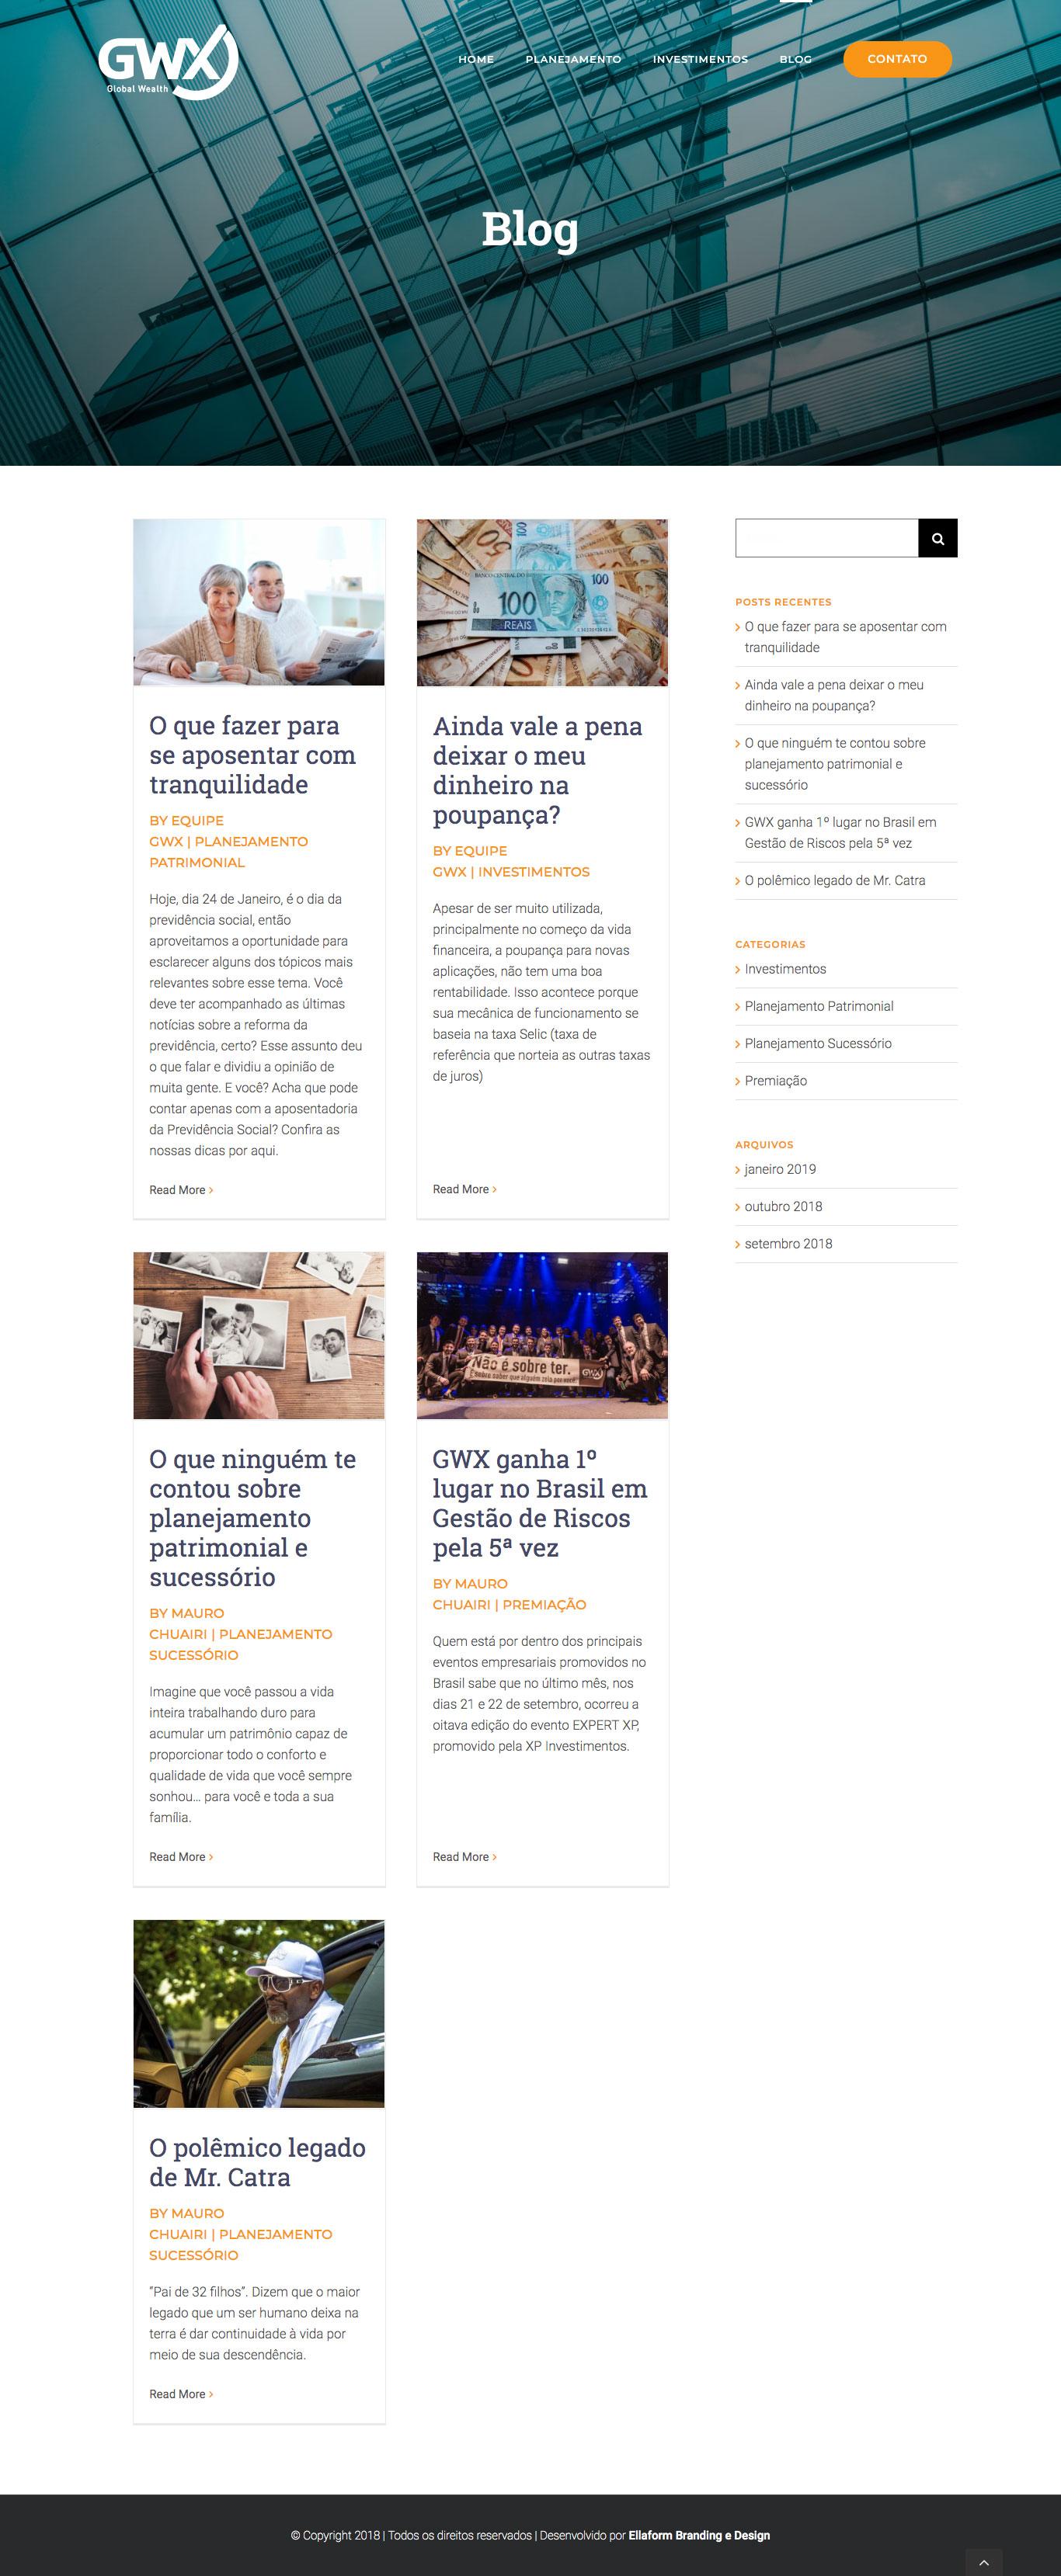 gwx-website03